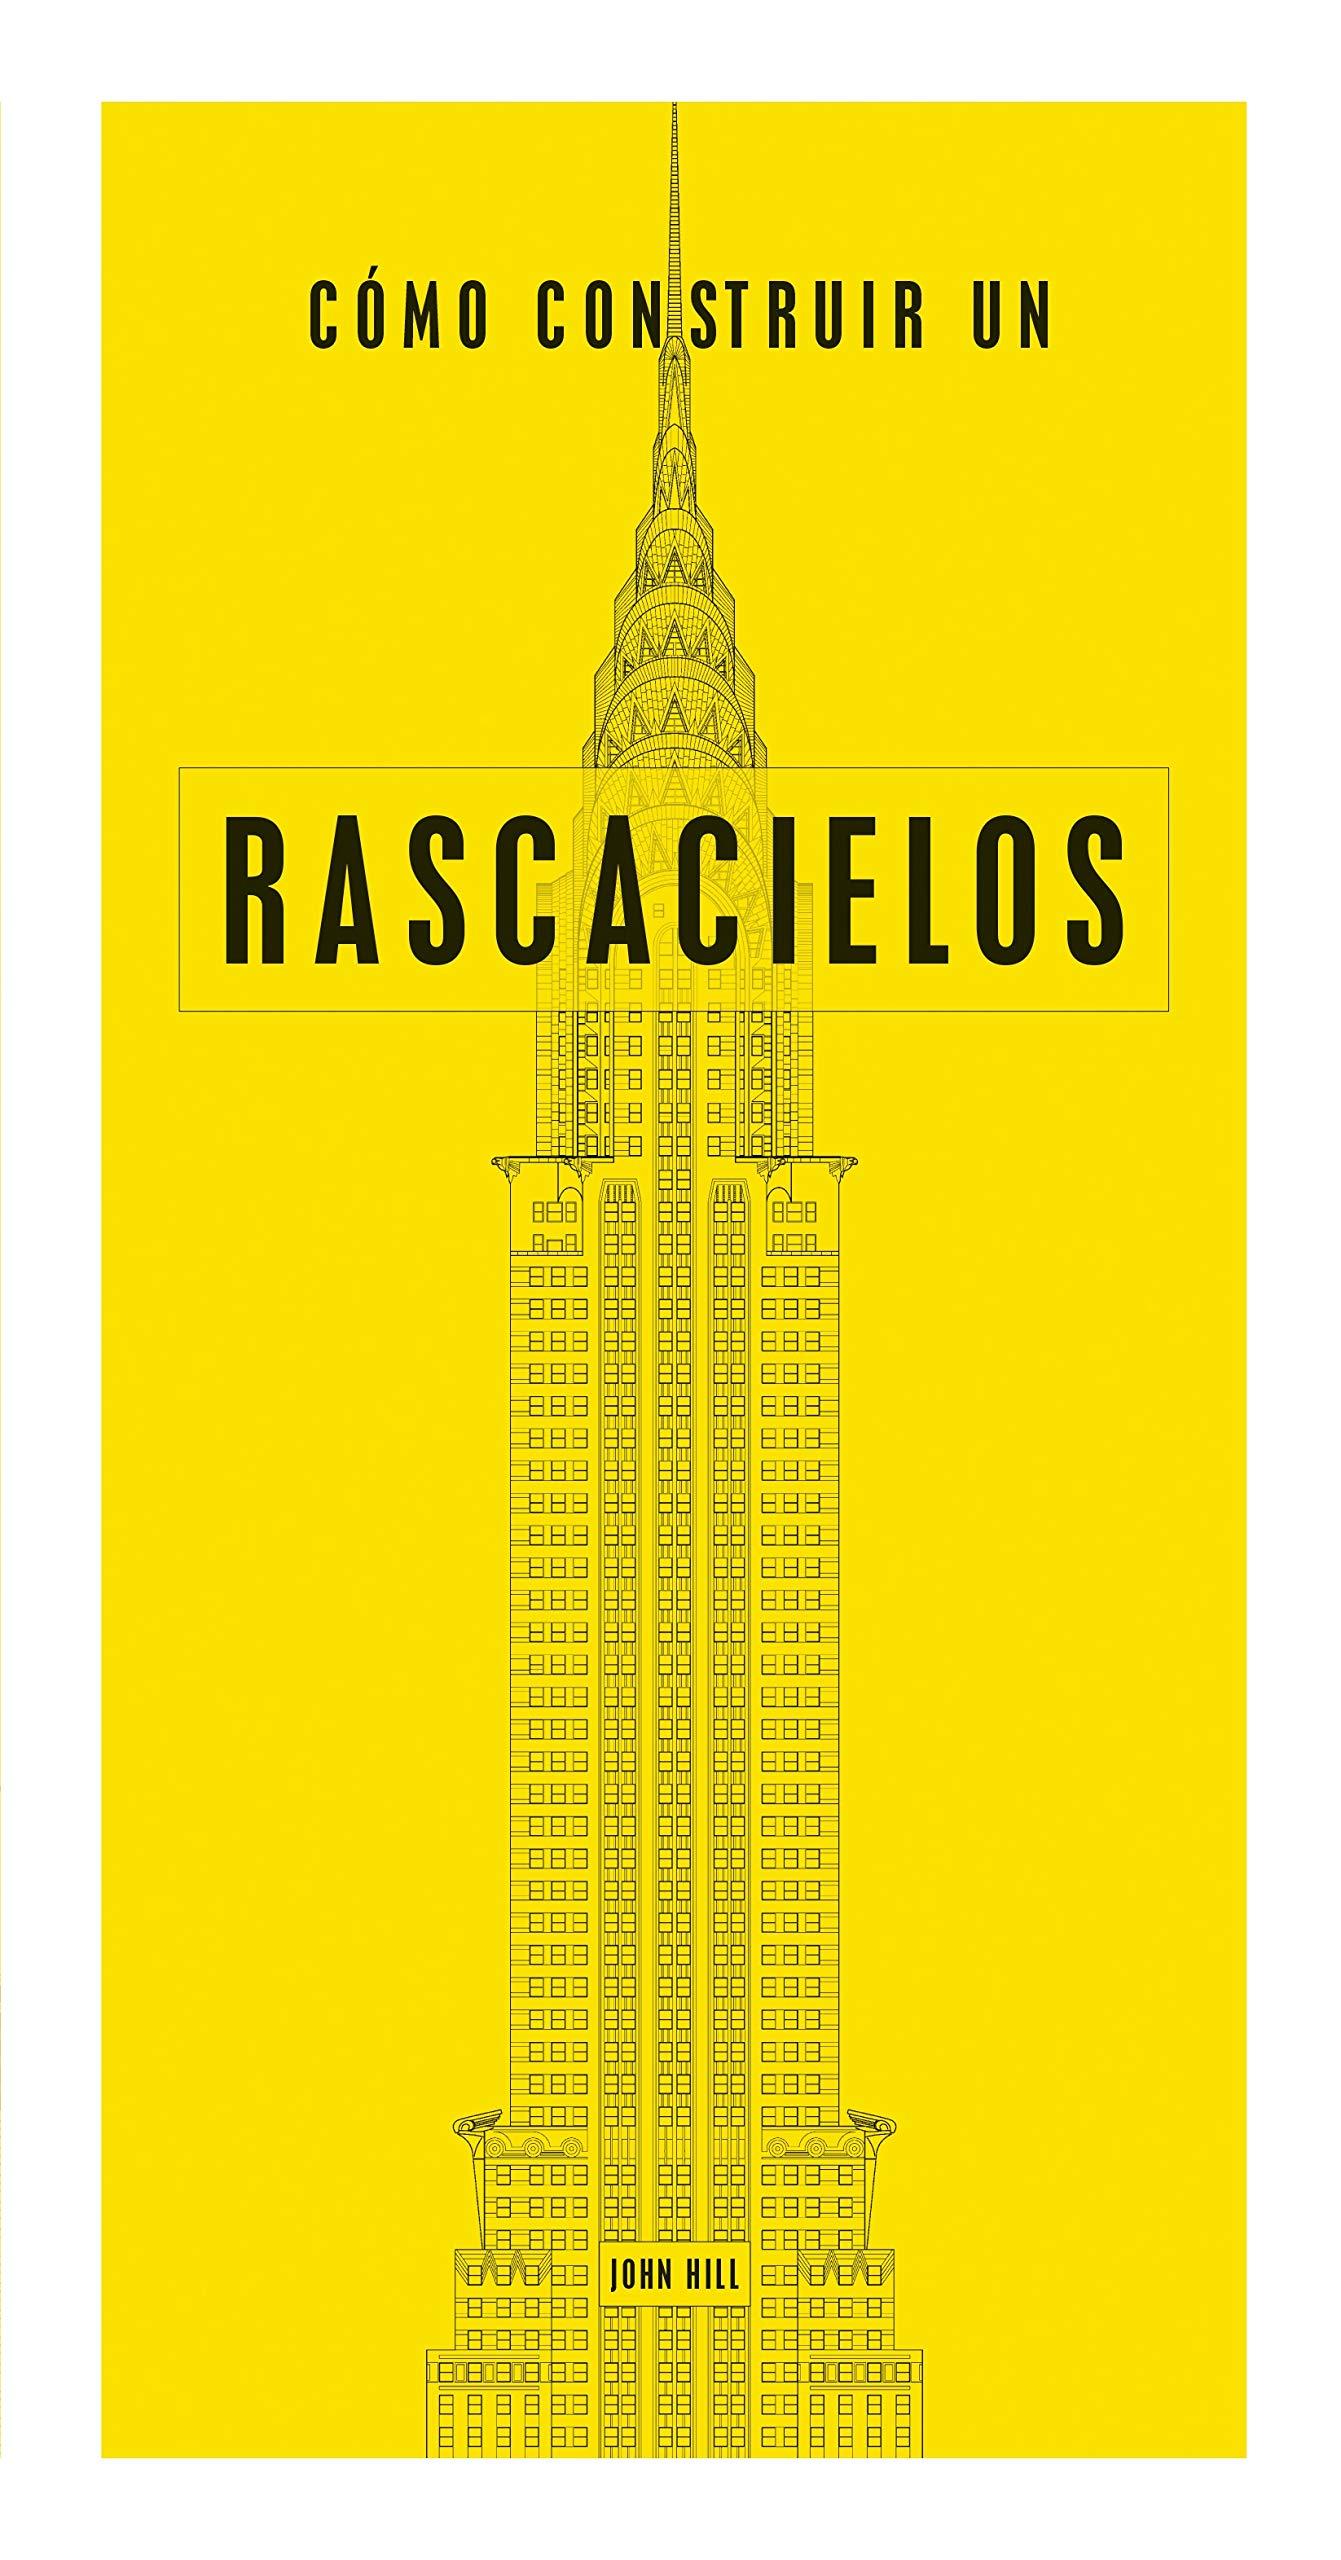 Cómo construir un rascacielos (Cómo leer) Tapa dura – 4 sep 2018 John Hill José Miguel Gómez Acosta Tursen S.A. - H. Blume 8494687328